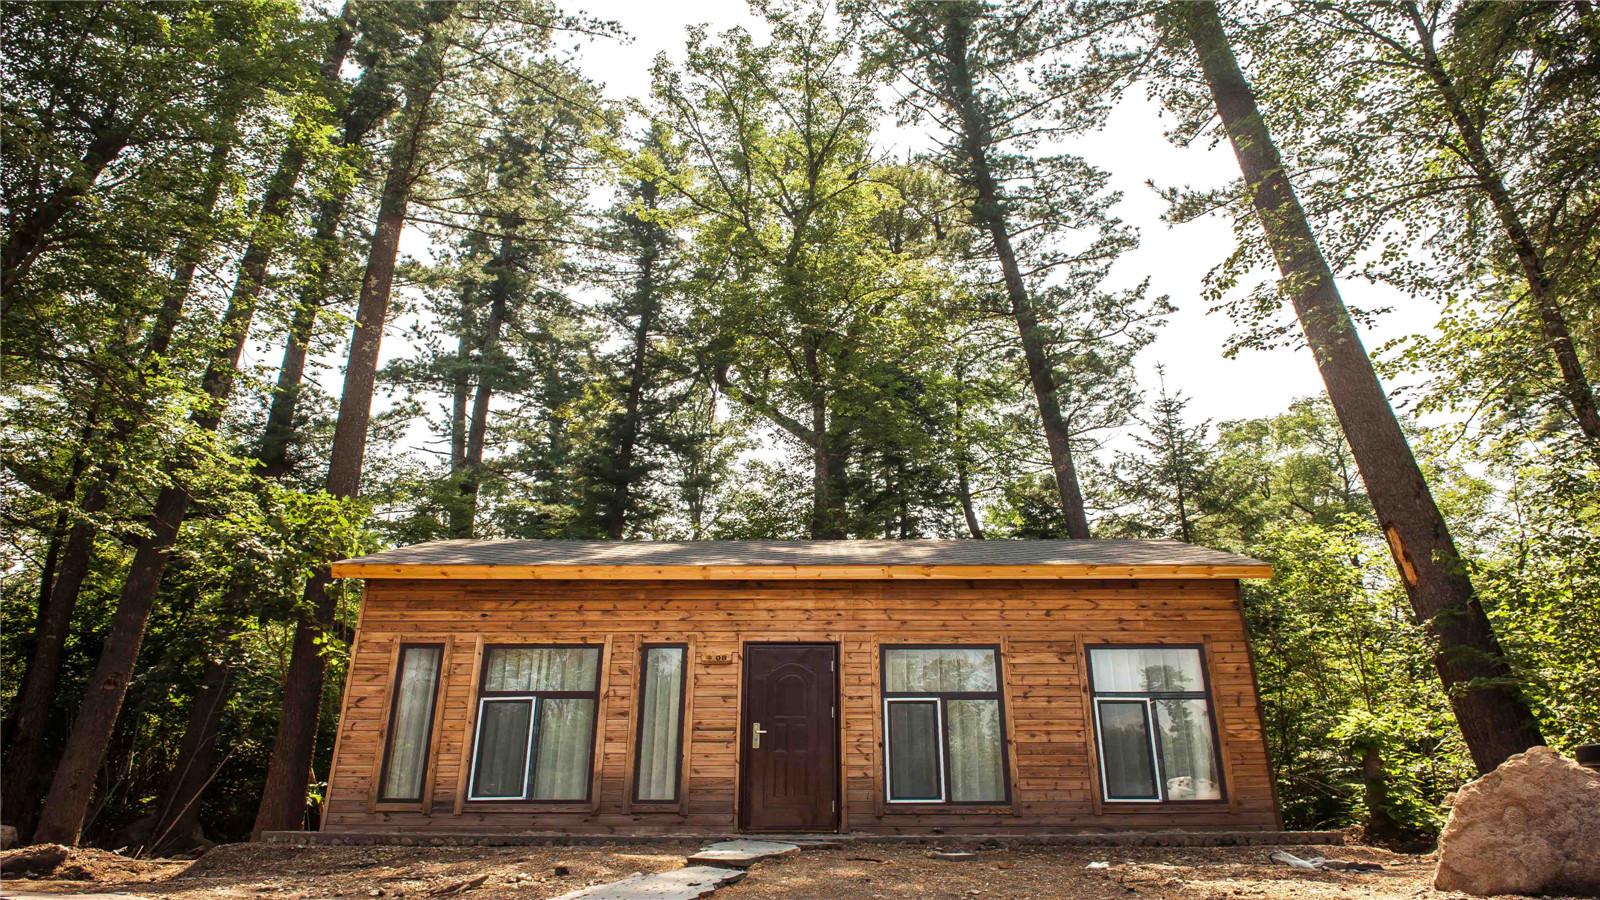 还可观赏到长白山地区较大的房车营地,纯芬兰进口的森林木屋别墅群.图片